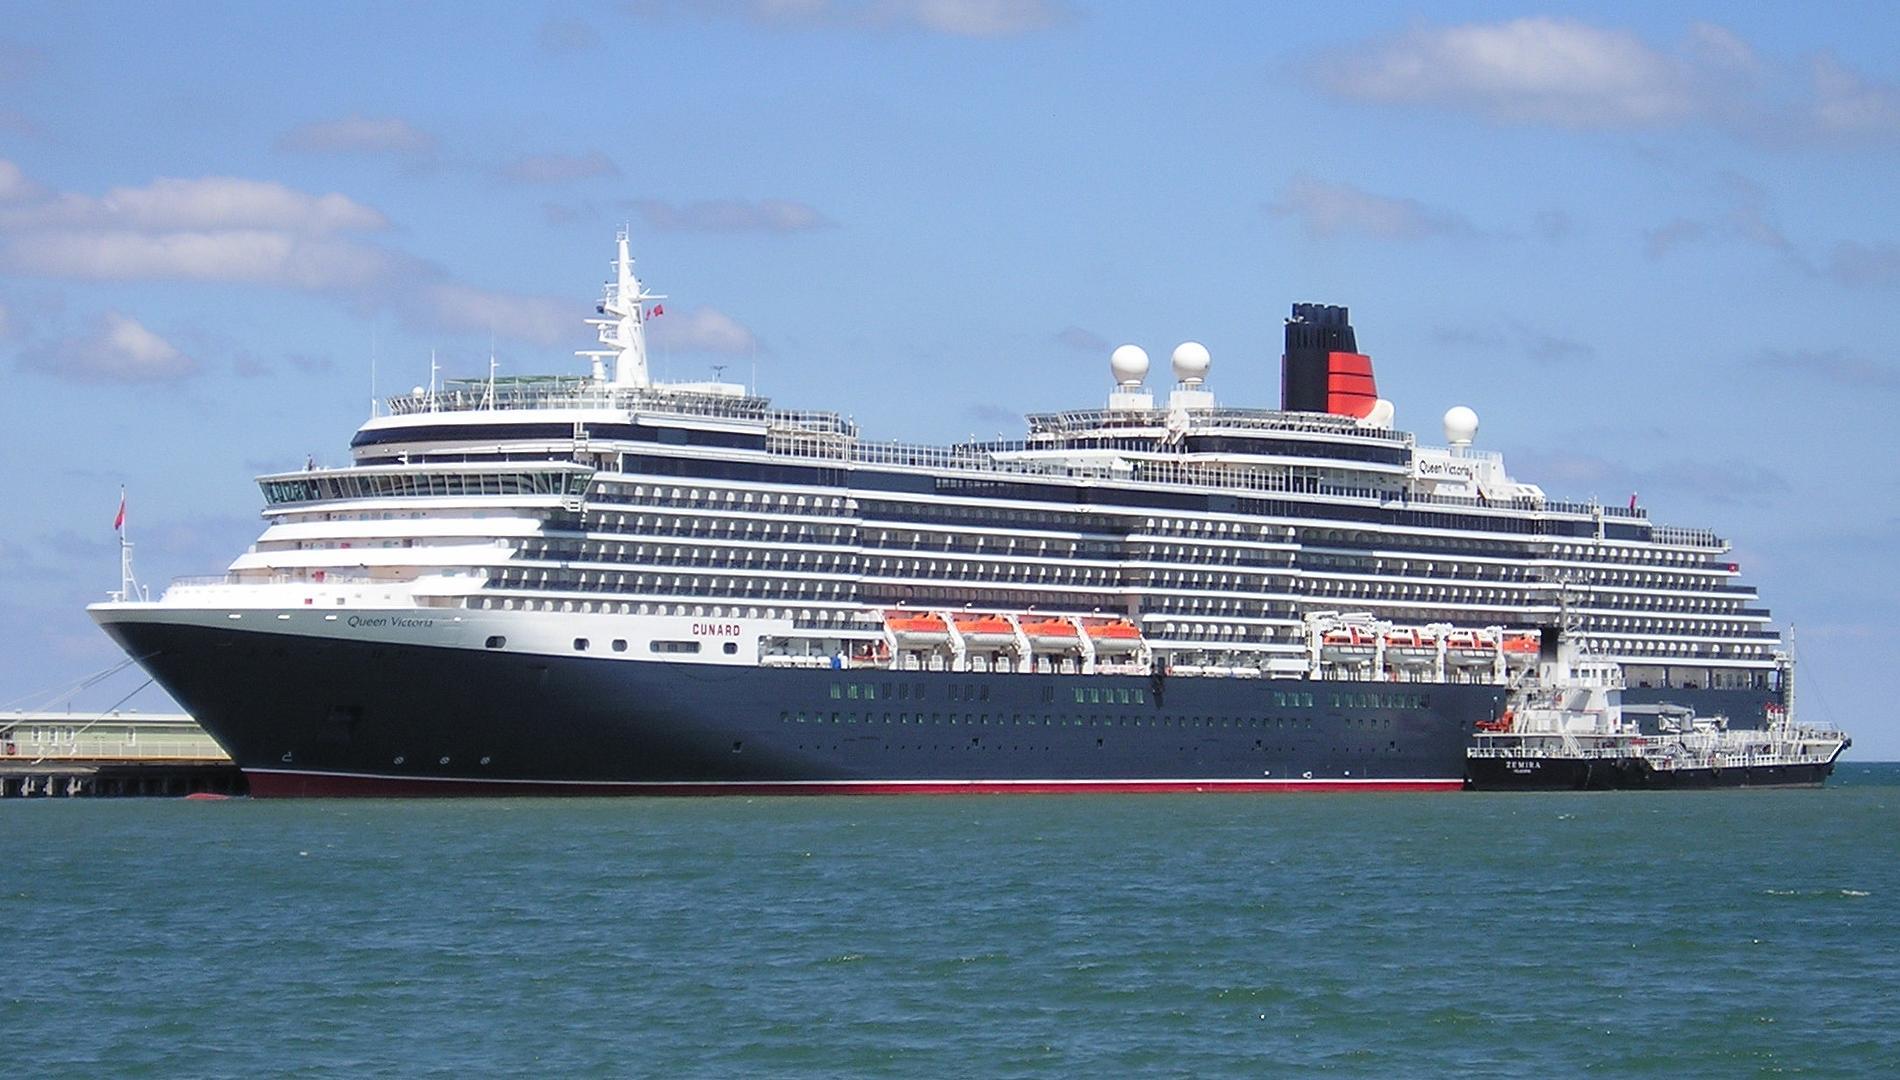 Tàu Cunard Queen Victotria sử dụng sơn Sigma